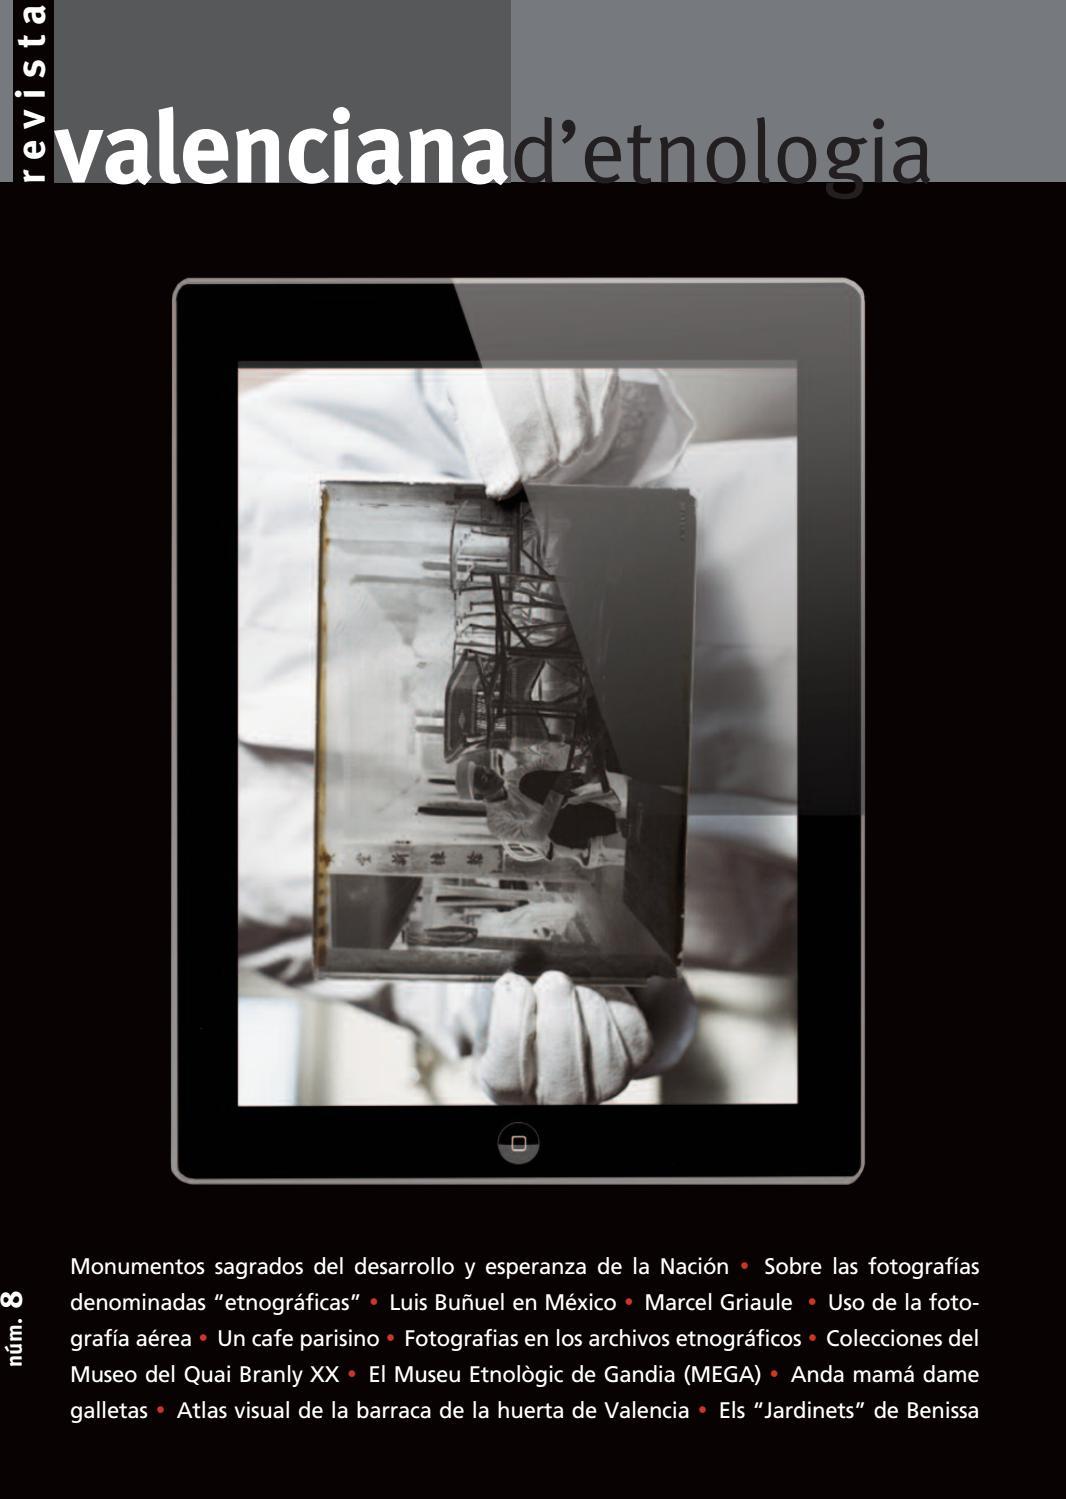 Revista valenciana d etnologia 40925299a74